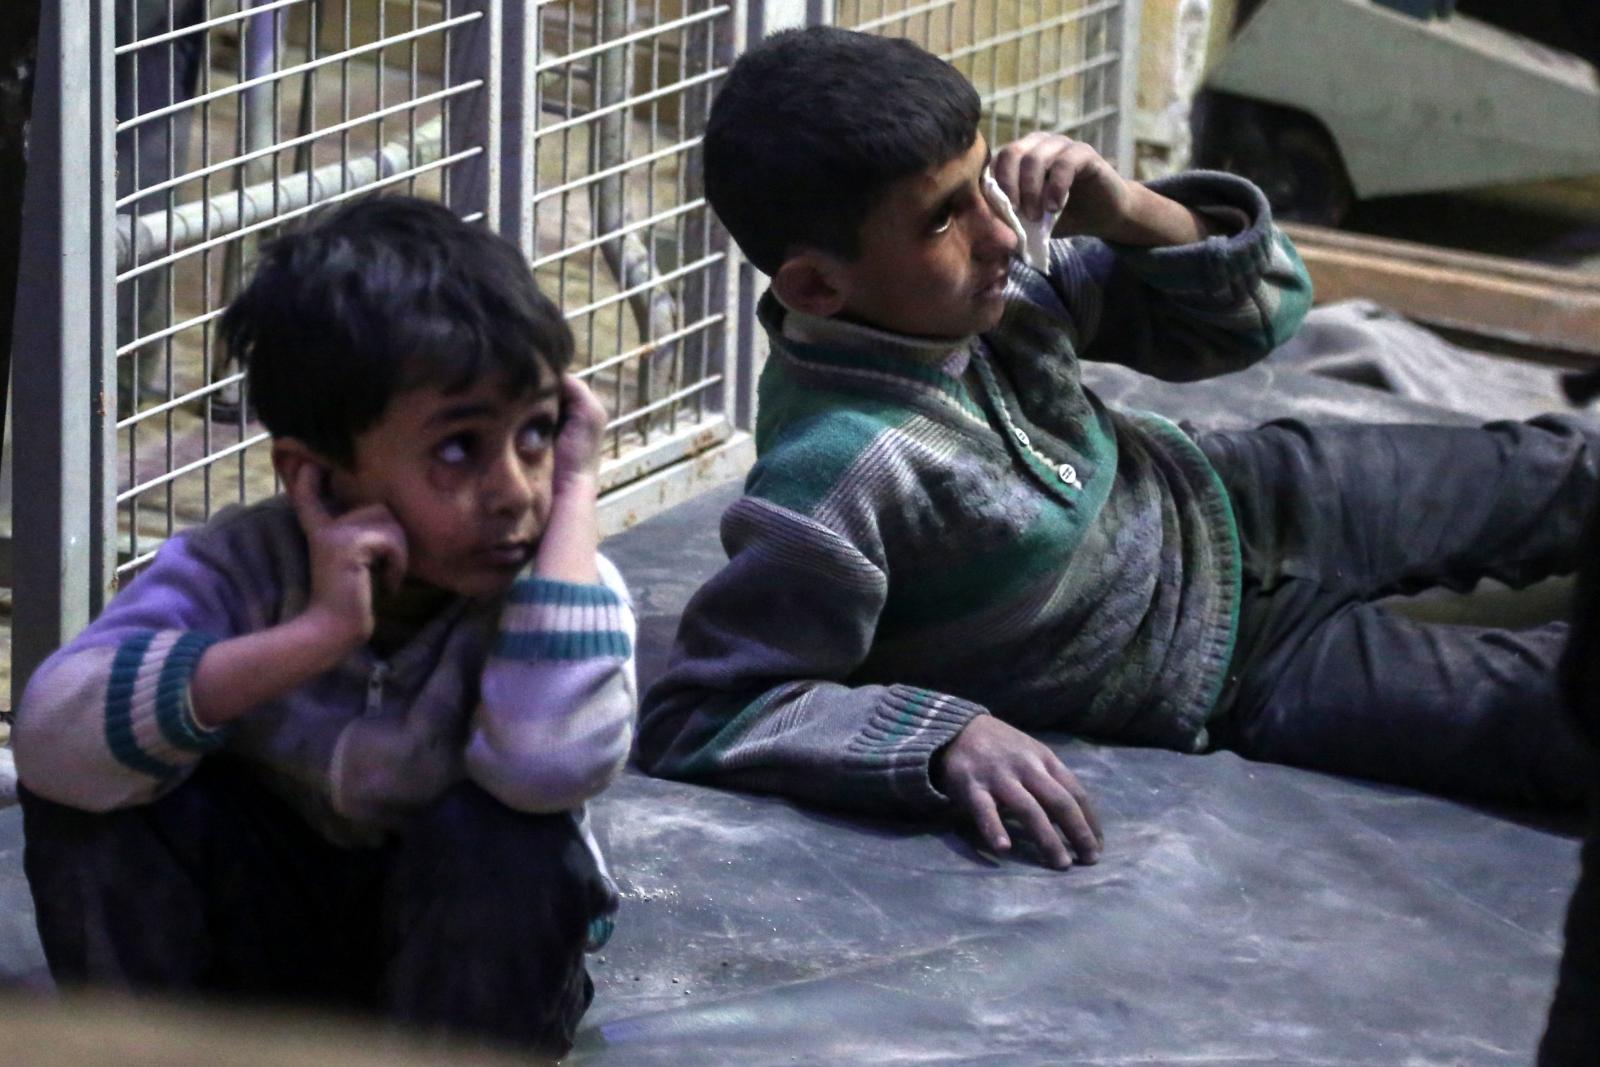 Dzieci poszkodowane w wyniku nalotów sił rządowych na okupowane przez rebeliantów miasto Duma, Syria.